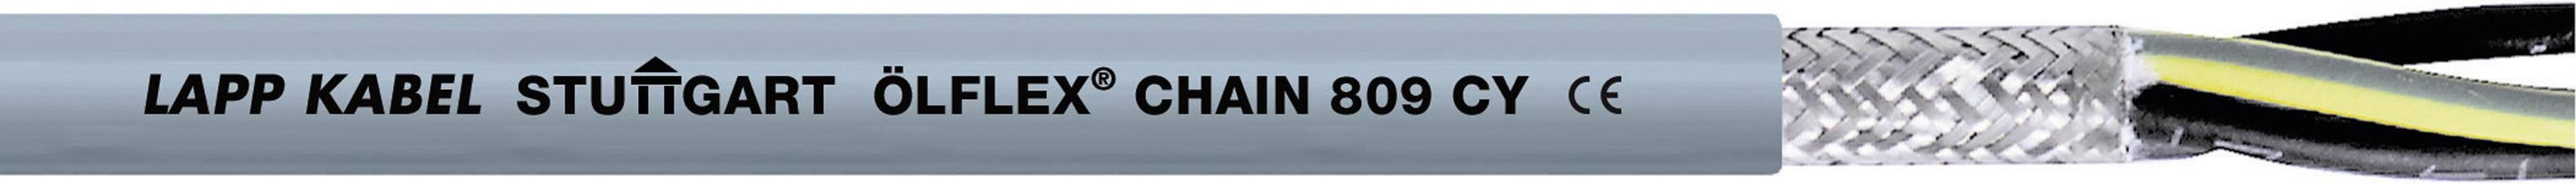 Žíla kabelu LappKabel ÖLFLEX CHAIN 809 CY 7G0,5 (1026755), 7x 0,5 mm², PVC, Ø 8,5 mm, stíněný, 50 m, šedá